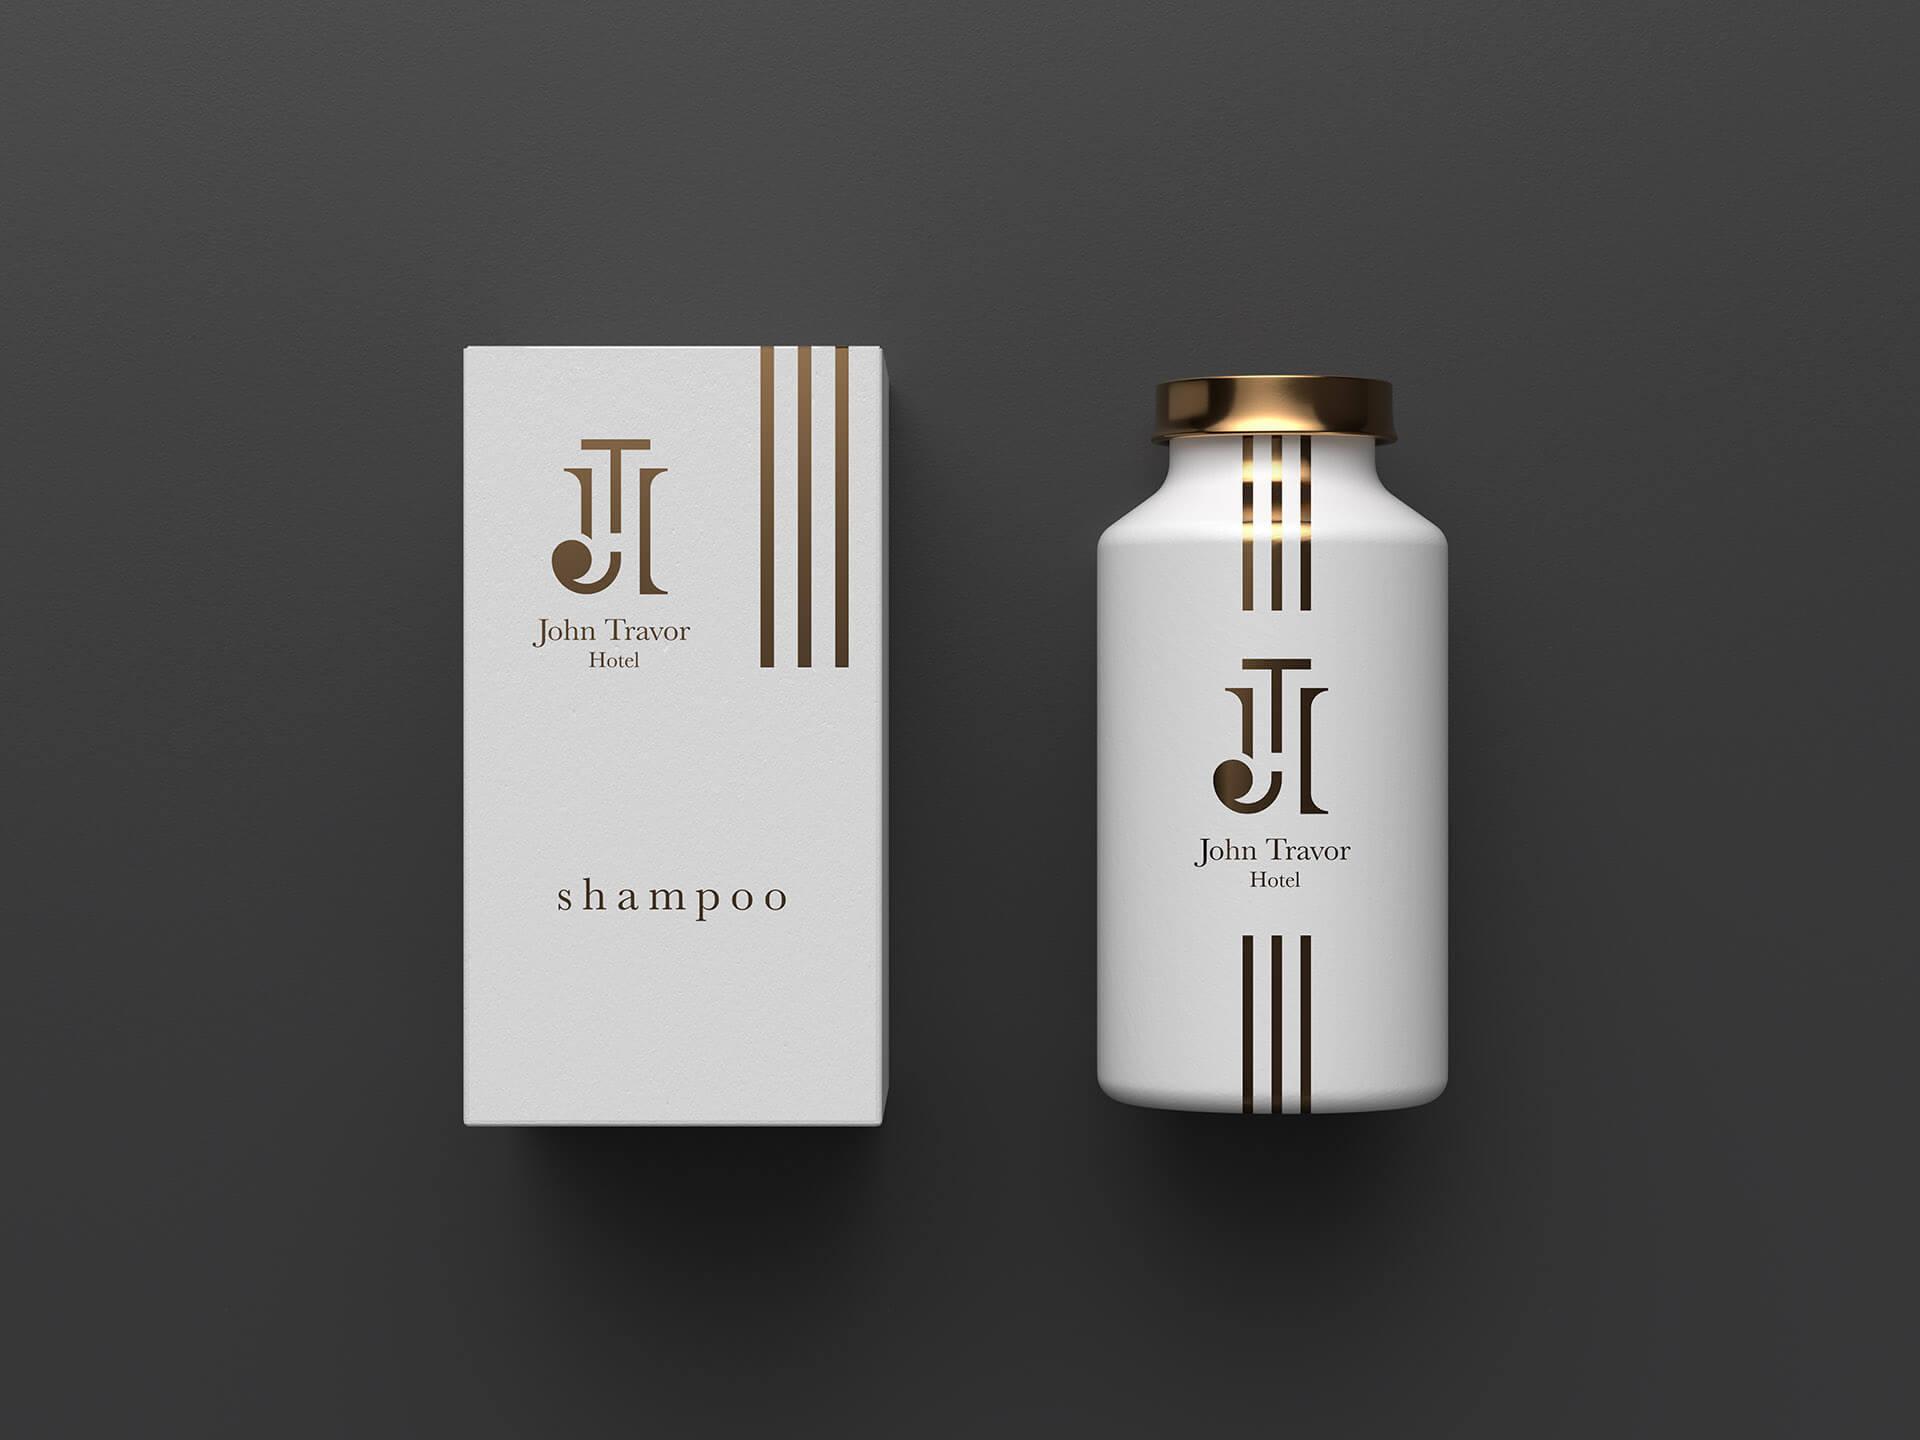 logo e brand identity design di john travor hotel su due confezioni di shampoo di colore bianco su sfondo grigio scuro